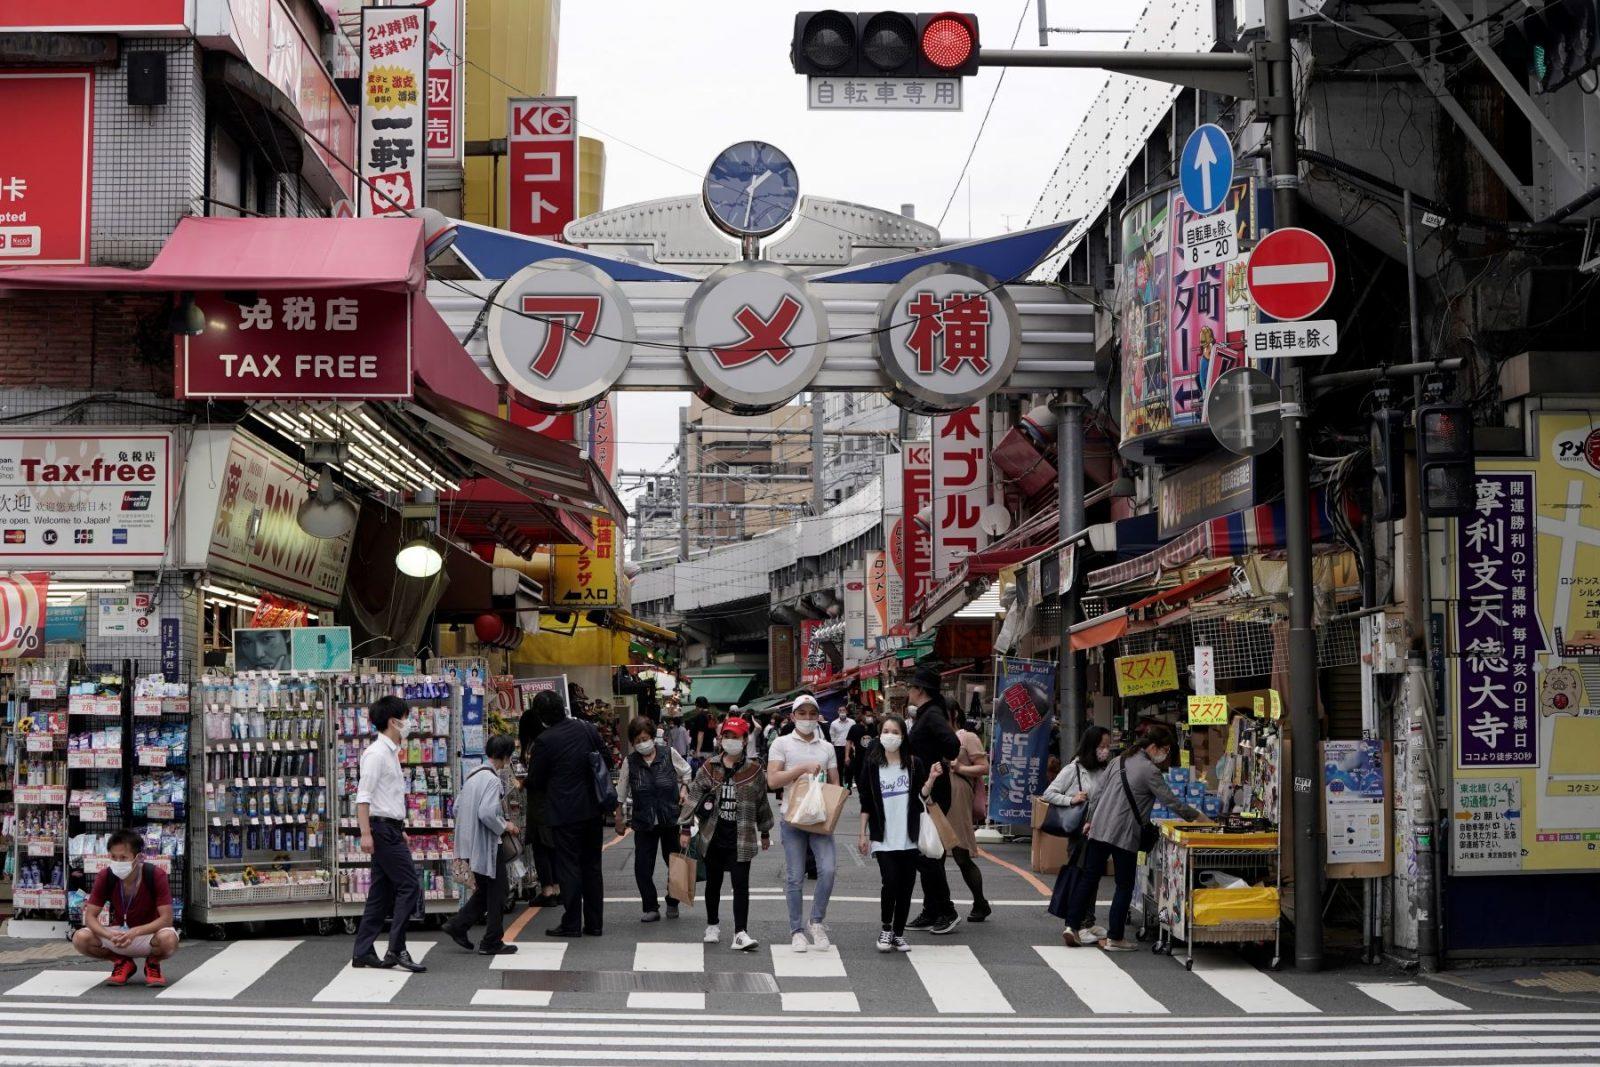 Japón advierte a sus ciudadanos de un posible ataque terrorista